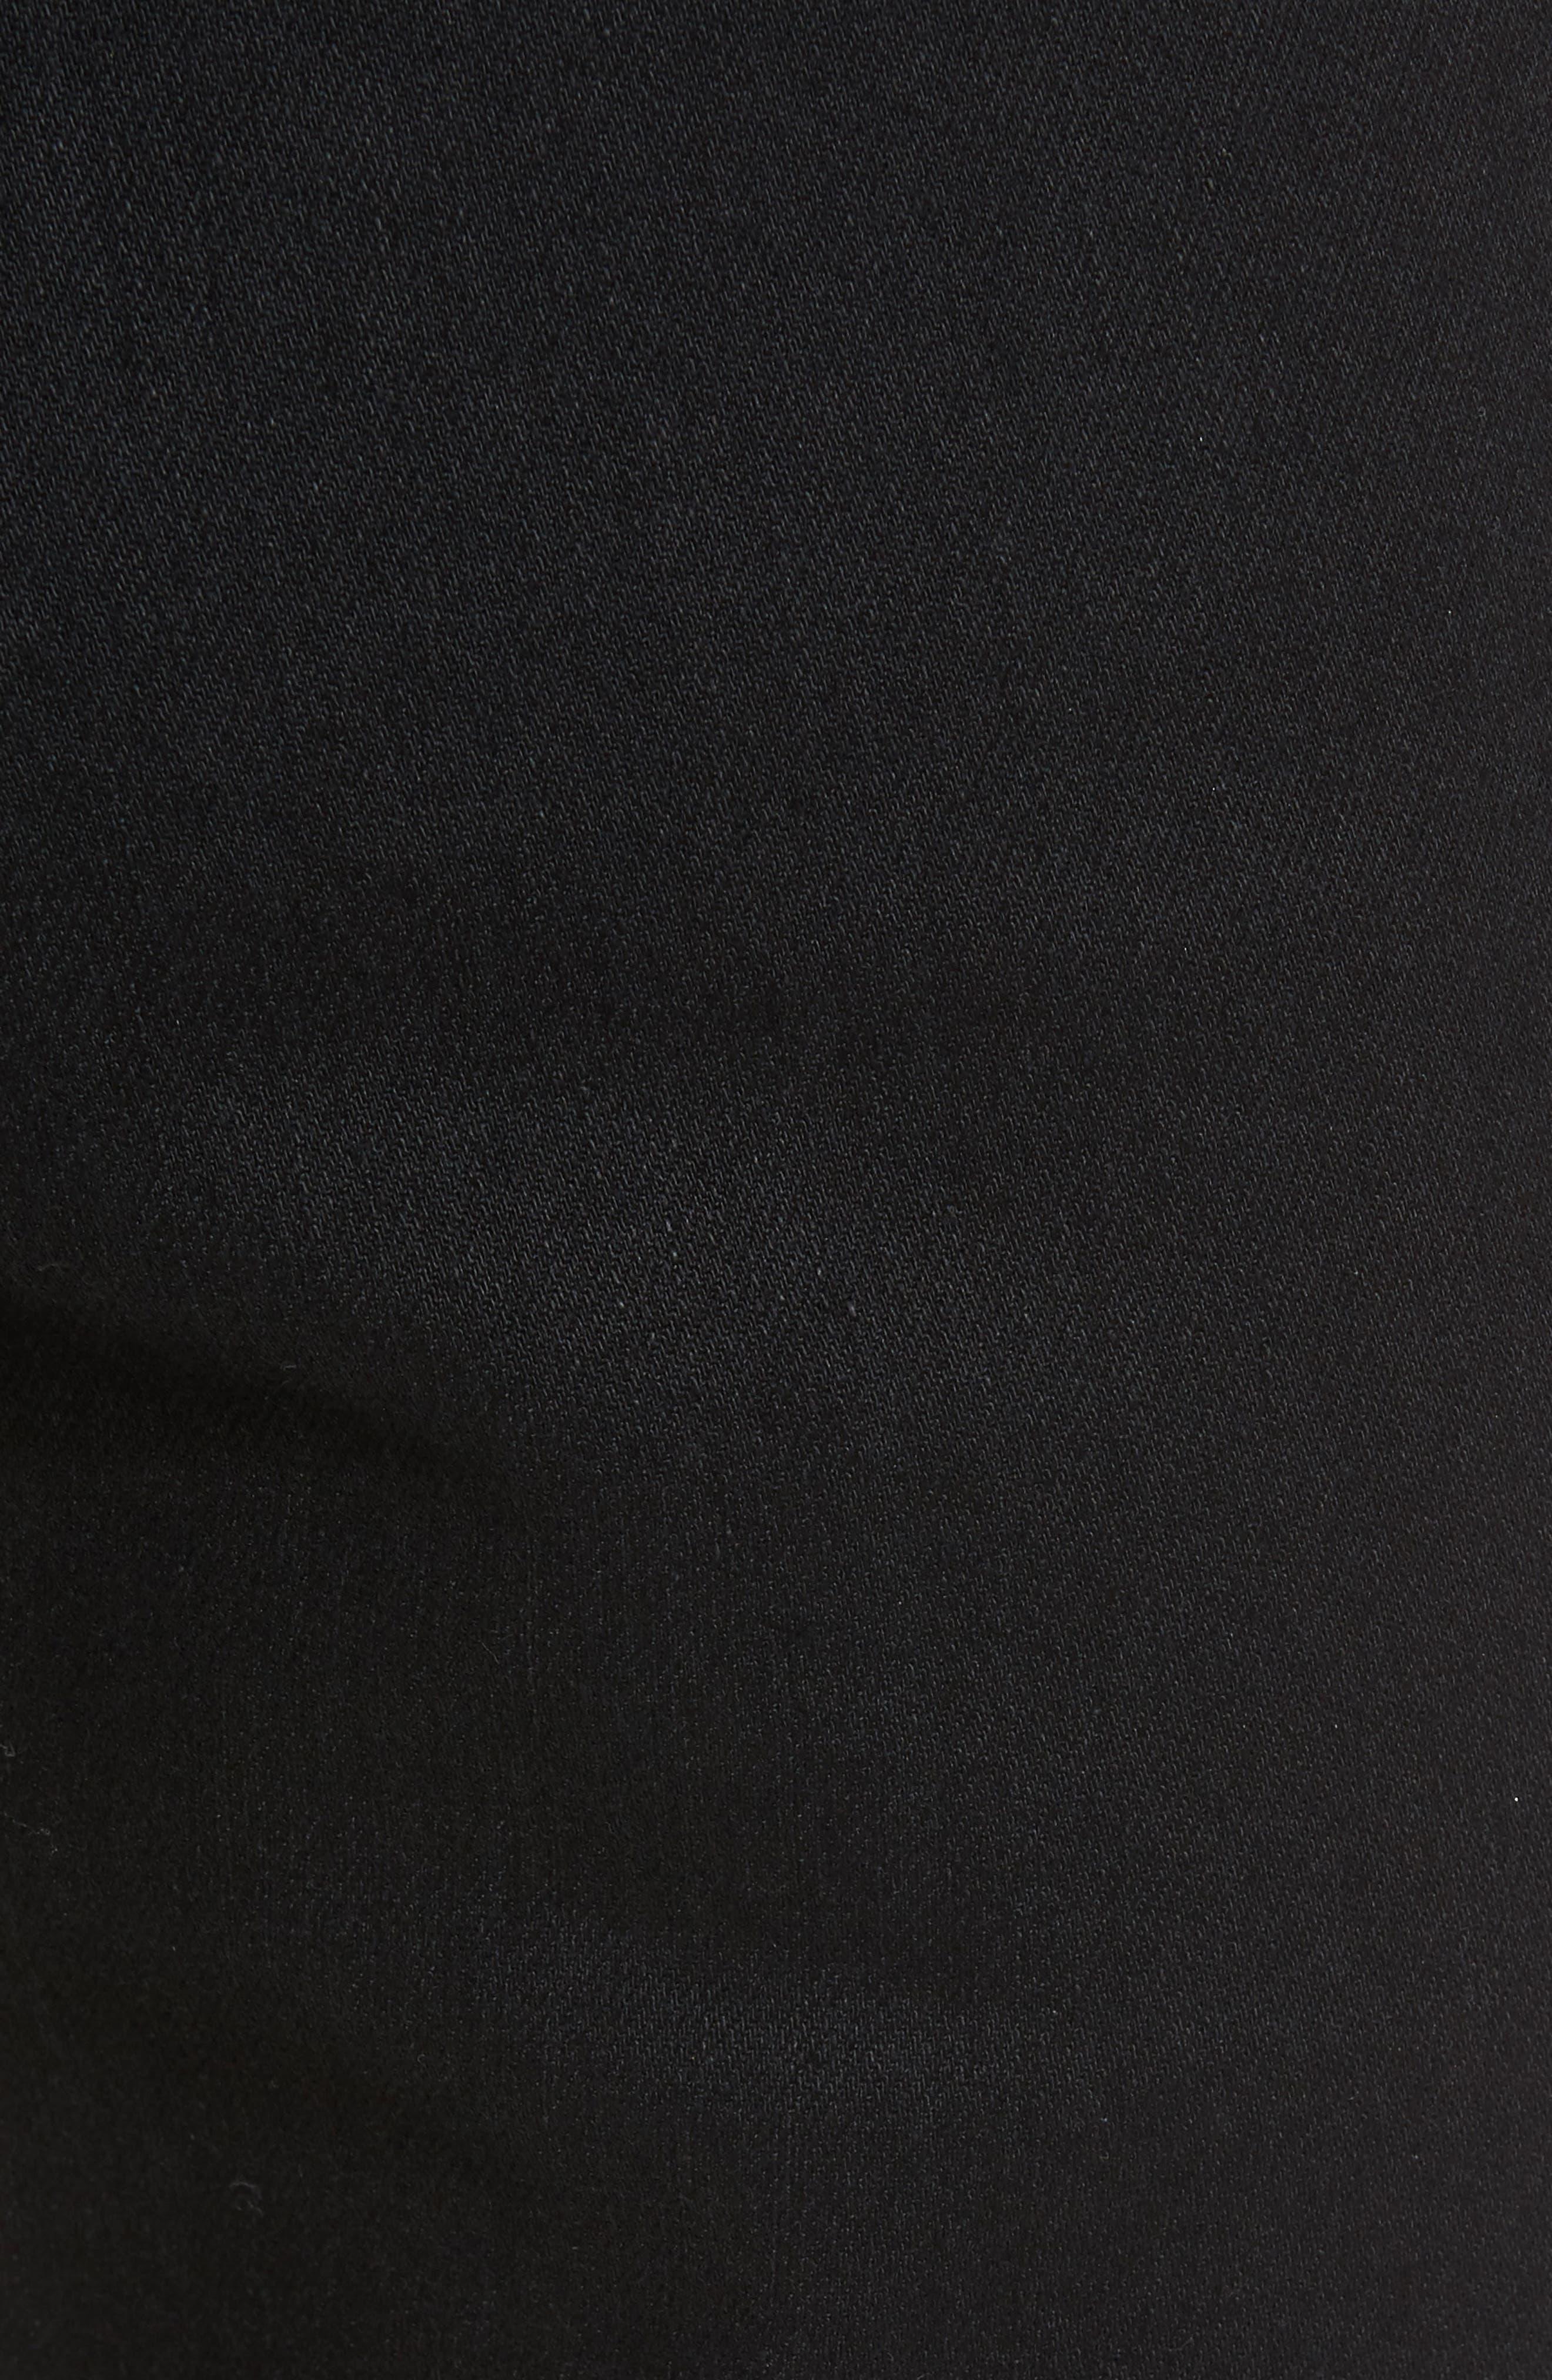 Tellis Slim Fit Jeans,                             Alternate thumbnail 5, color,                             Deep Pitch